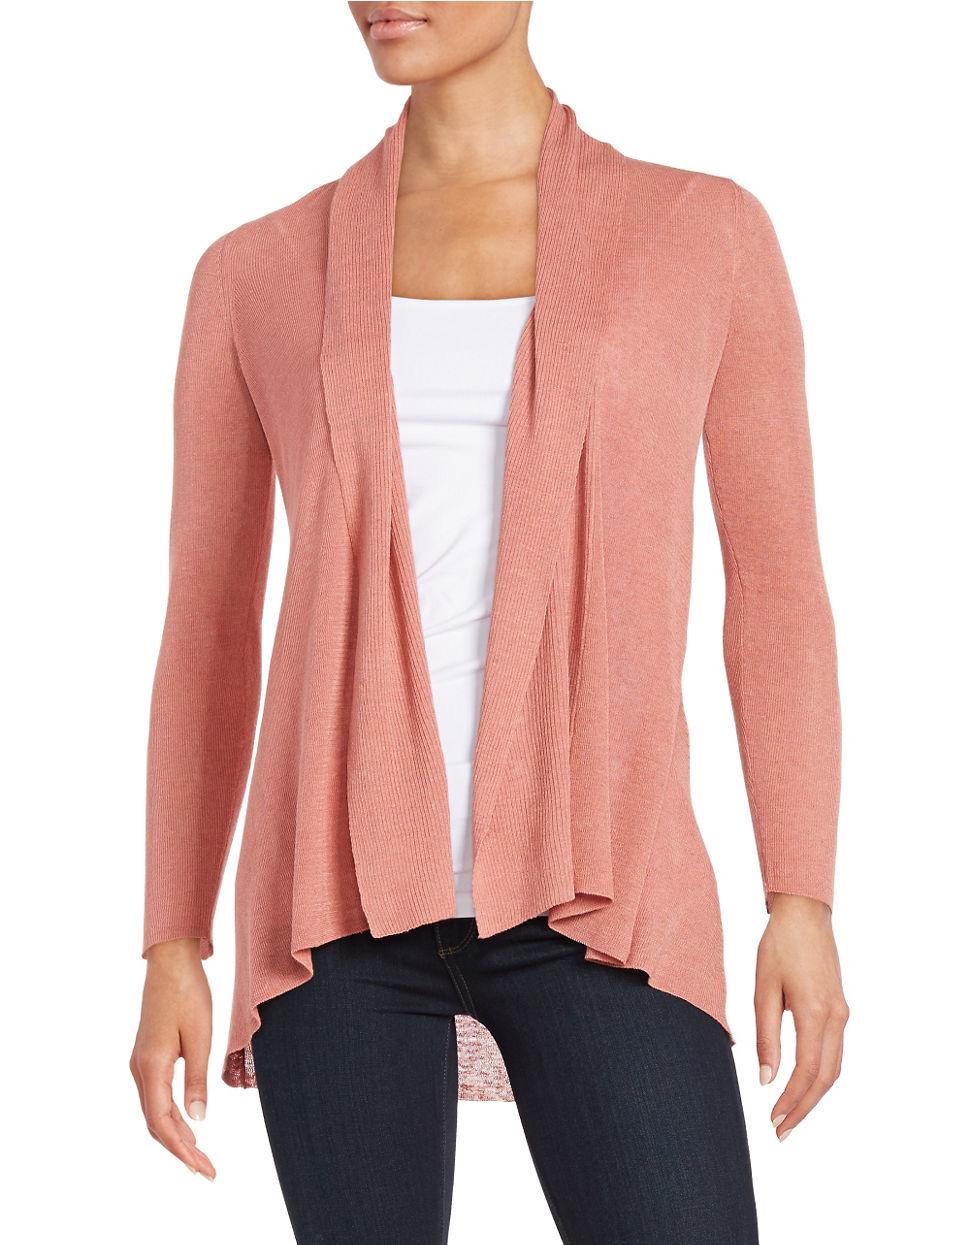 Eileen fisher Petite Textured Flyaway Cardigan in Pink | Lyst